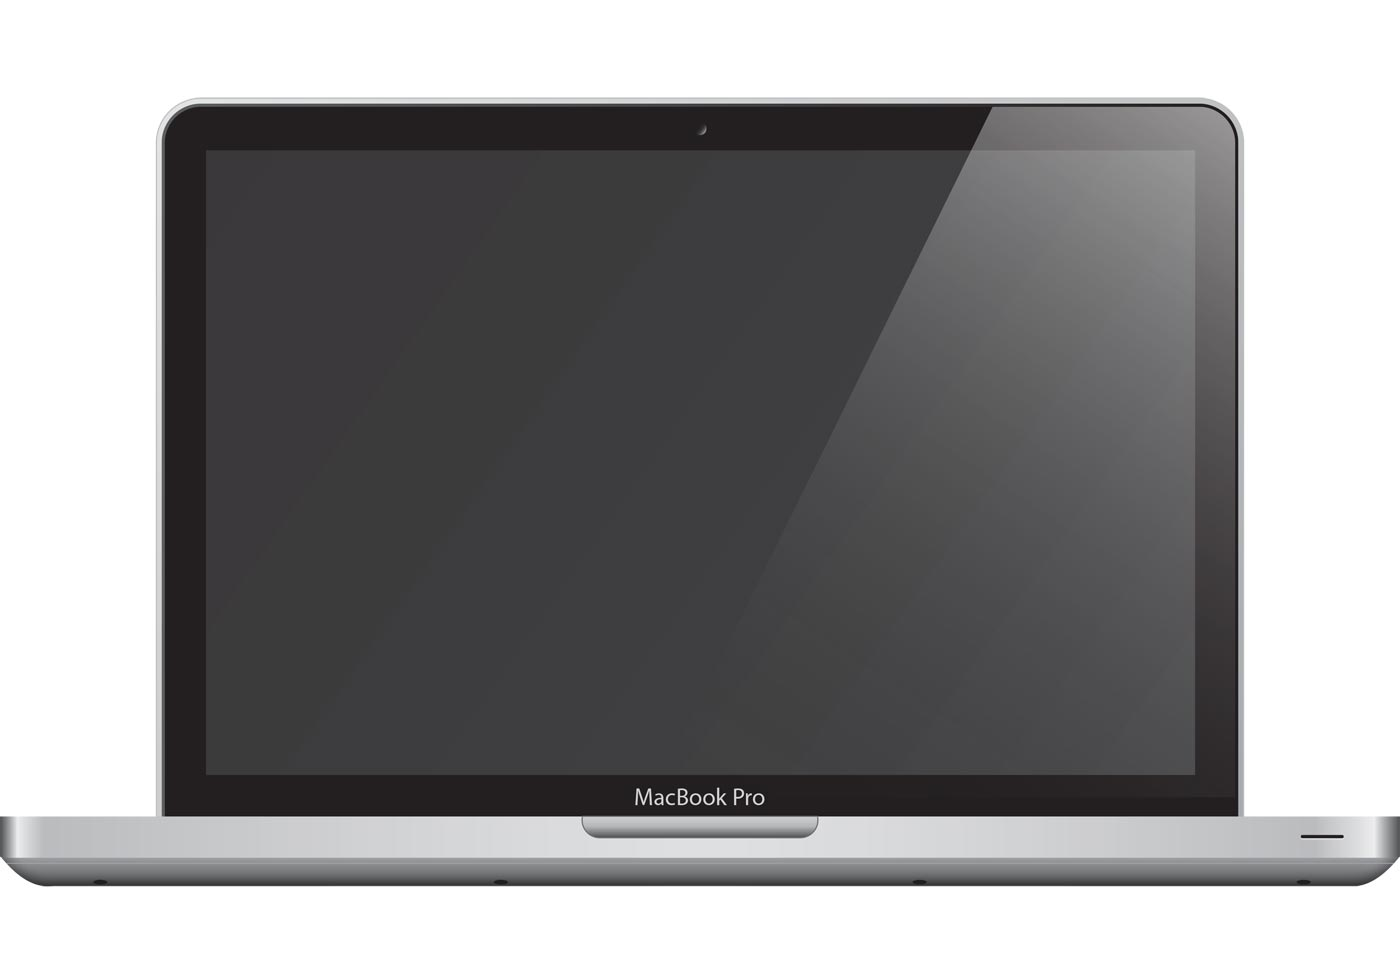 1400x980 Macbook Pro Vector